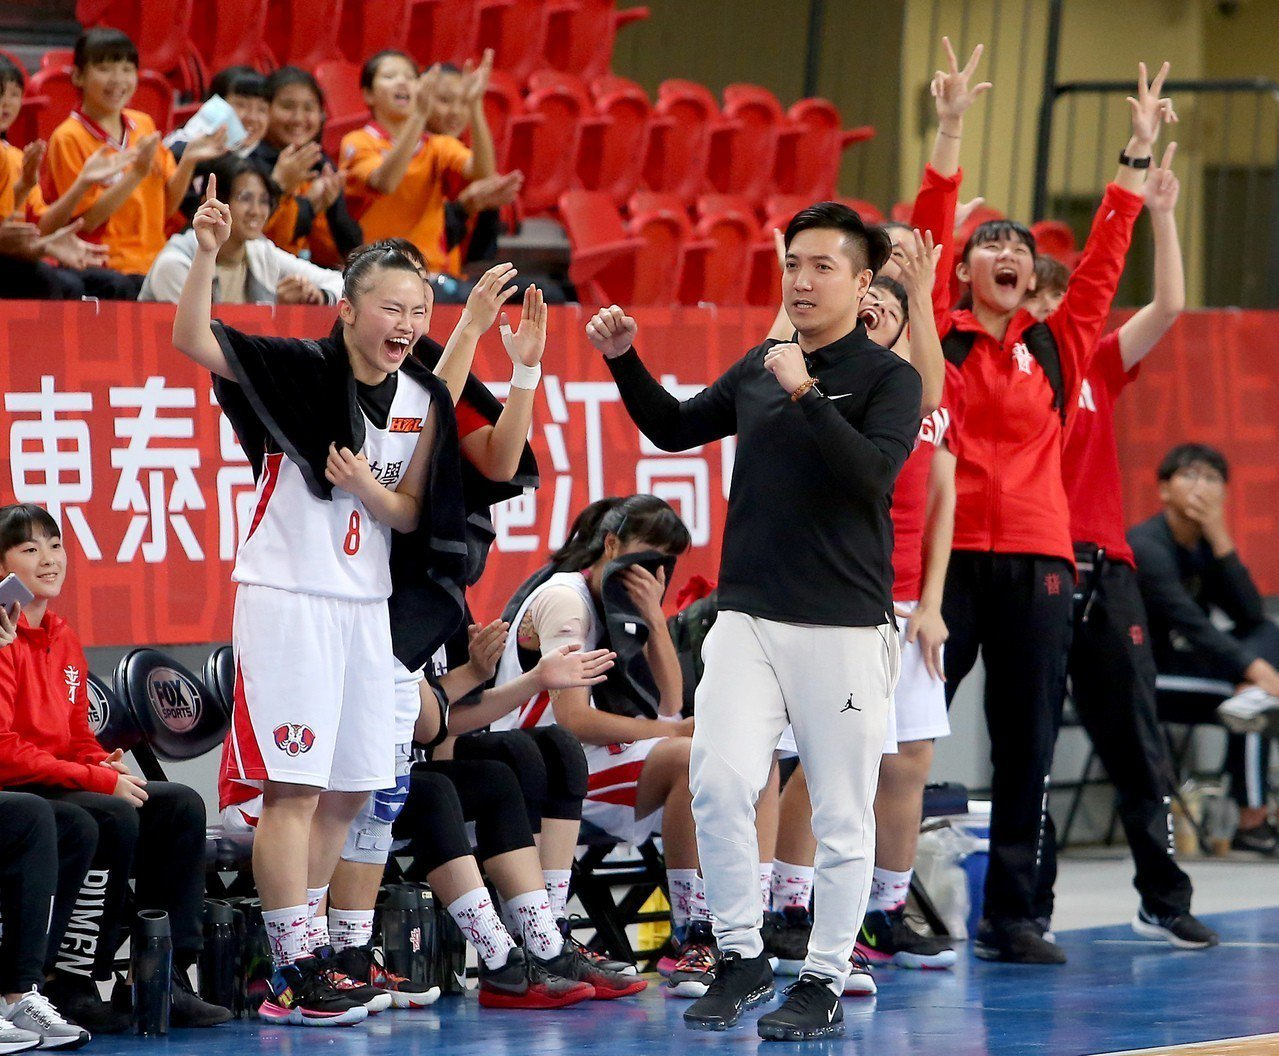 普門高中以78比58擊敗北一女中,教練廖哲億(中)與板凳席球員在場邊歡呼。 記者...